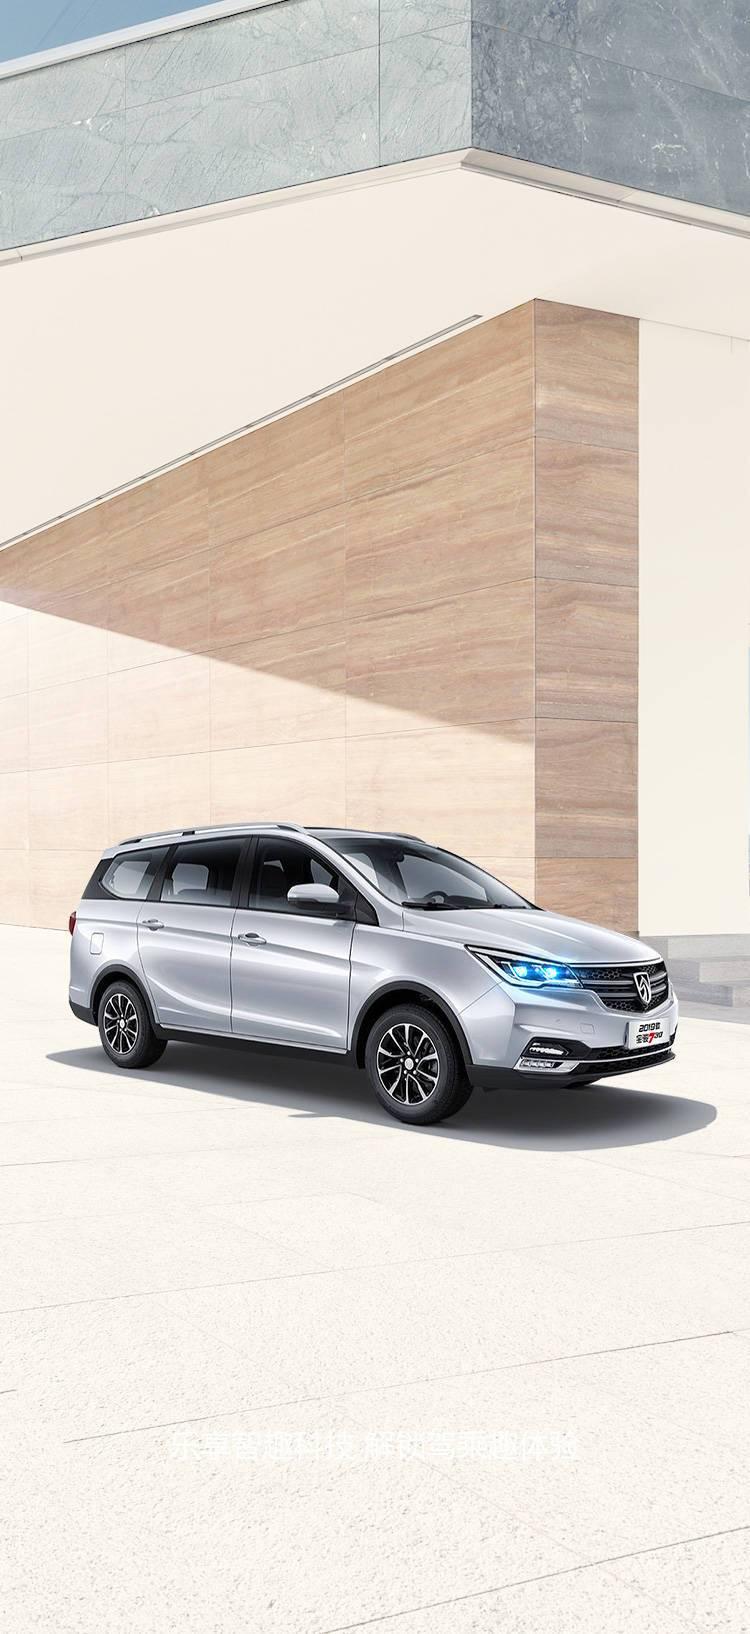 2019款寶(bao)駿(jun)730,新(xin)車(che)型,科技,配置